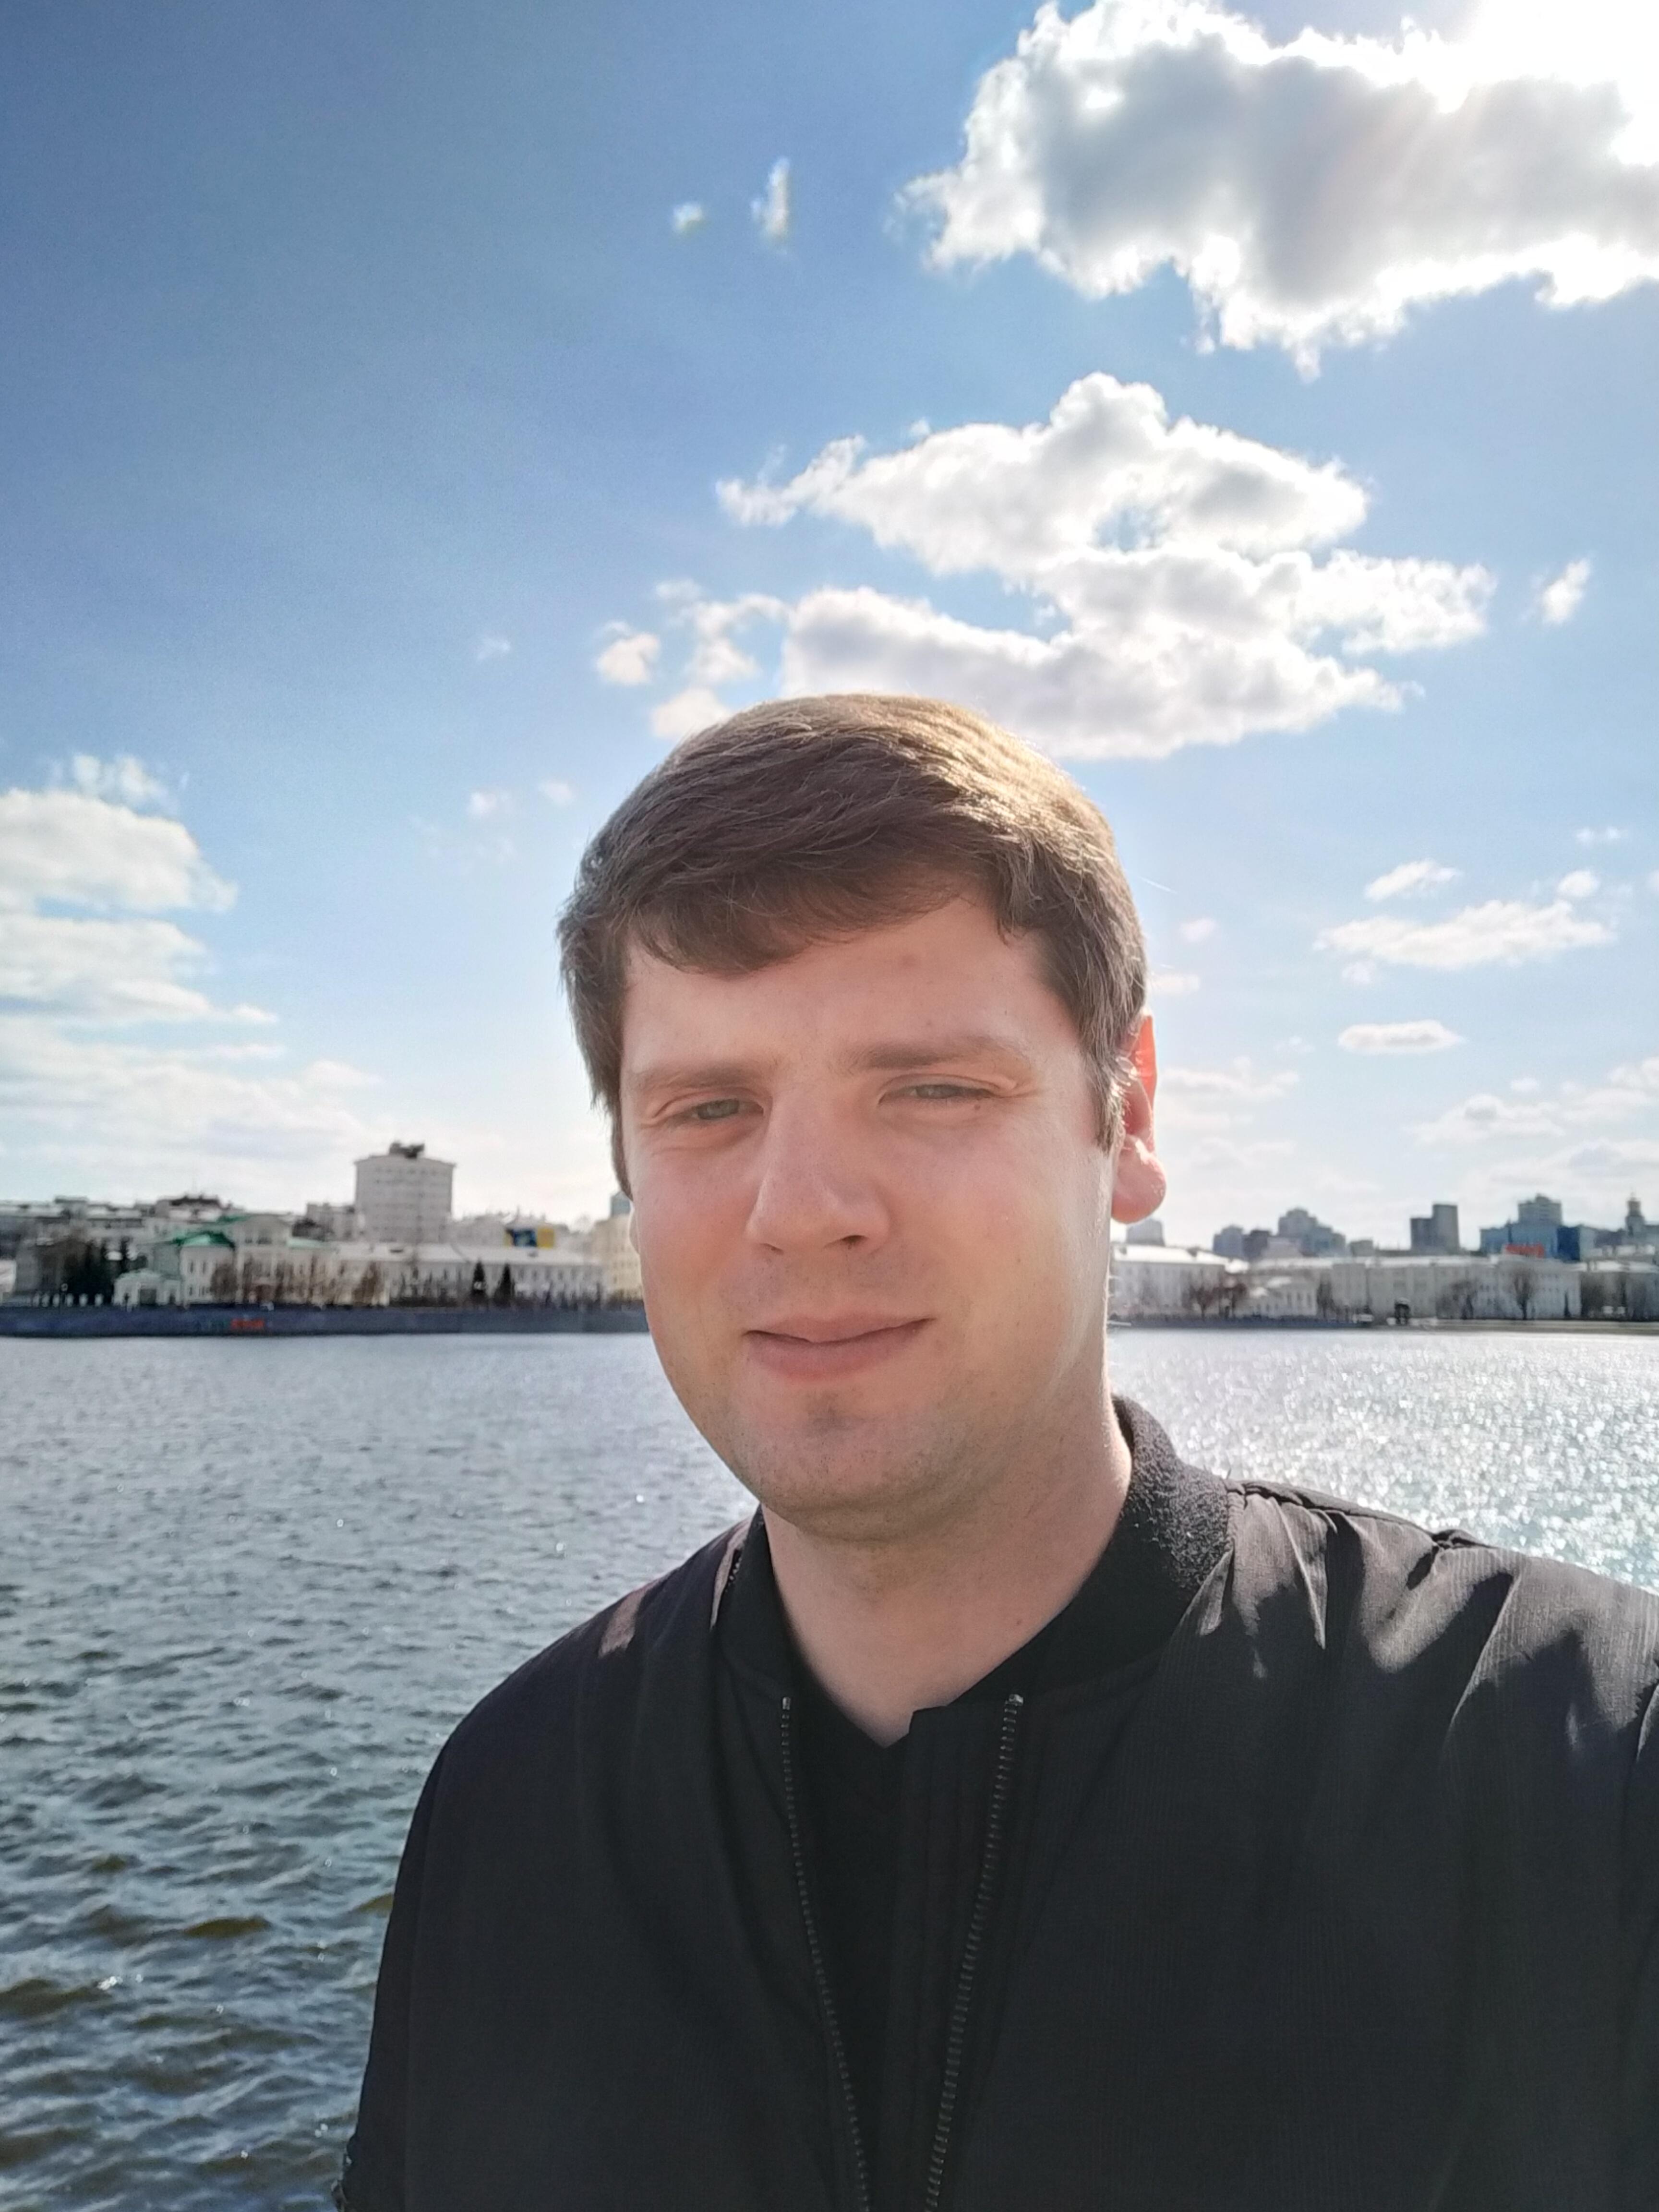 Жилин Александр Сергеевич